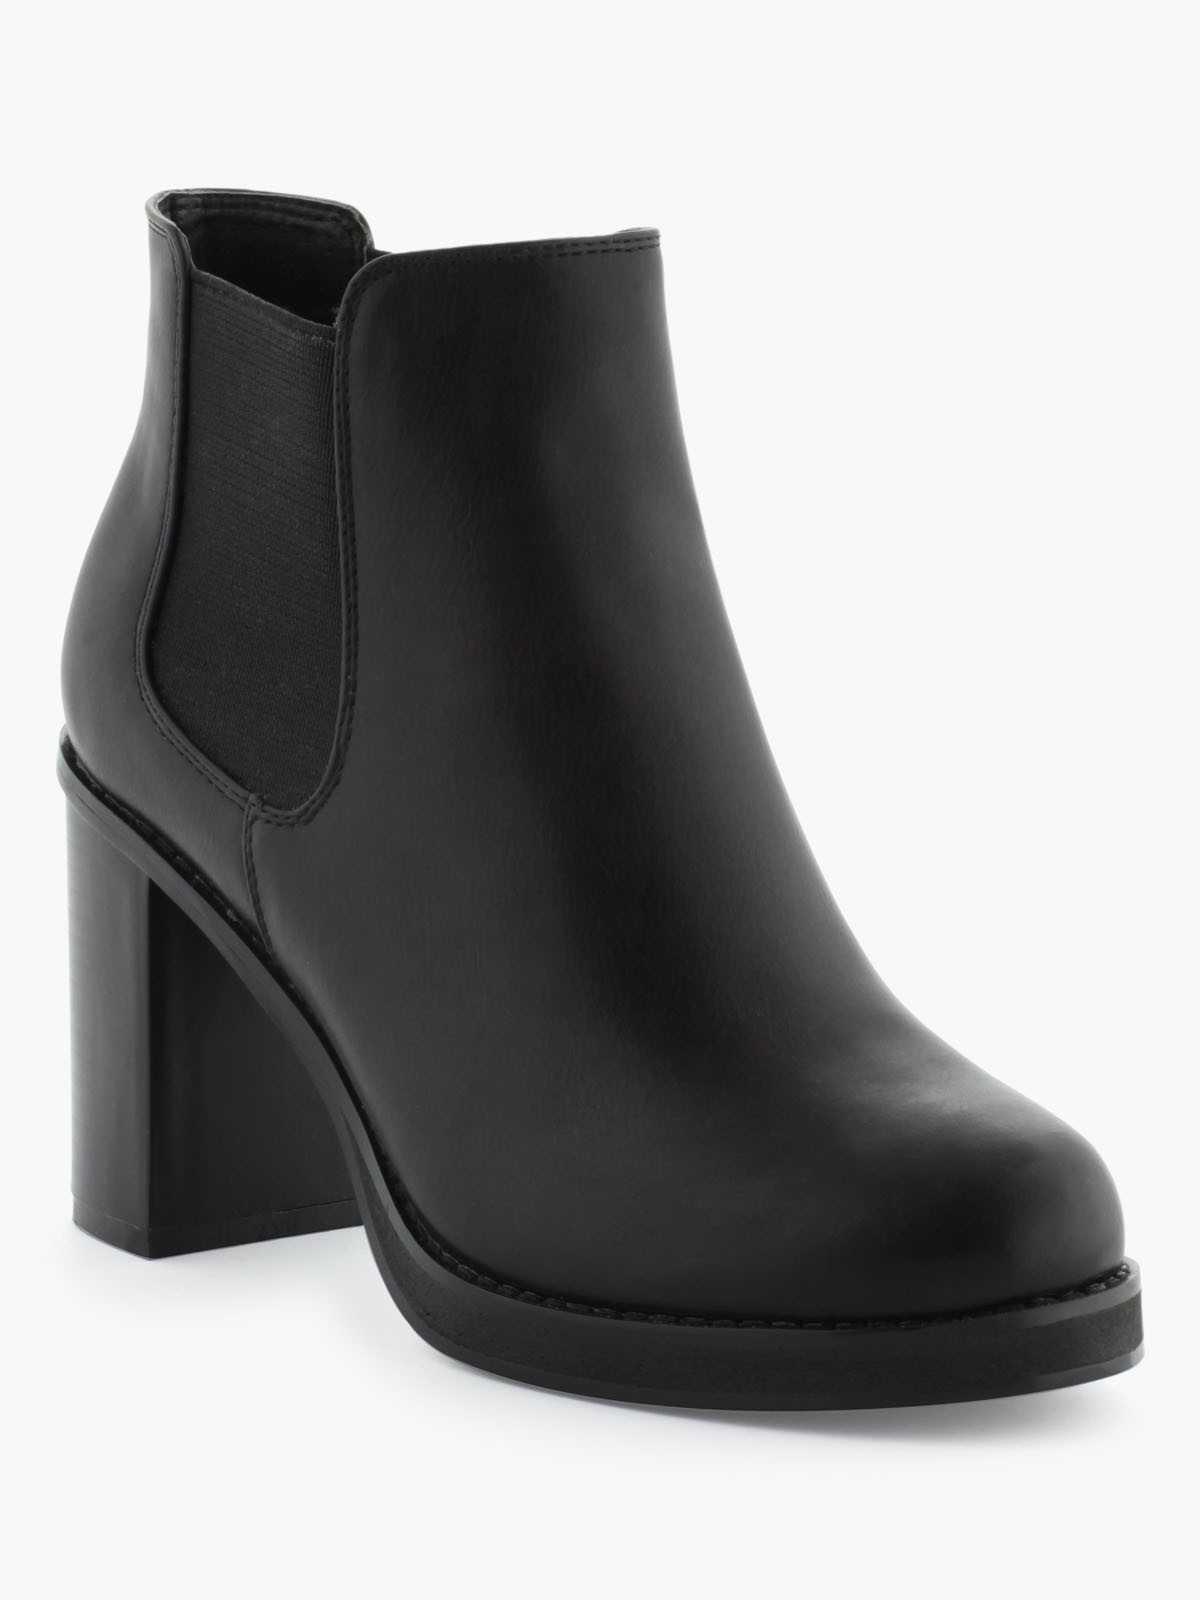 Bottine femme halle chaussure